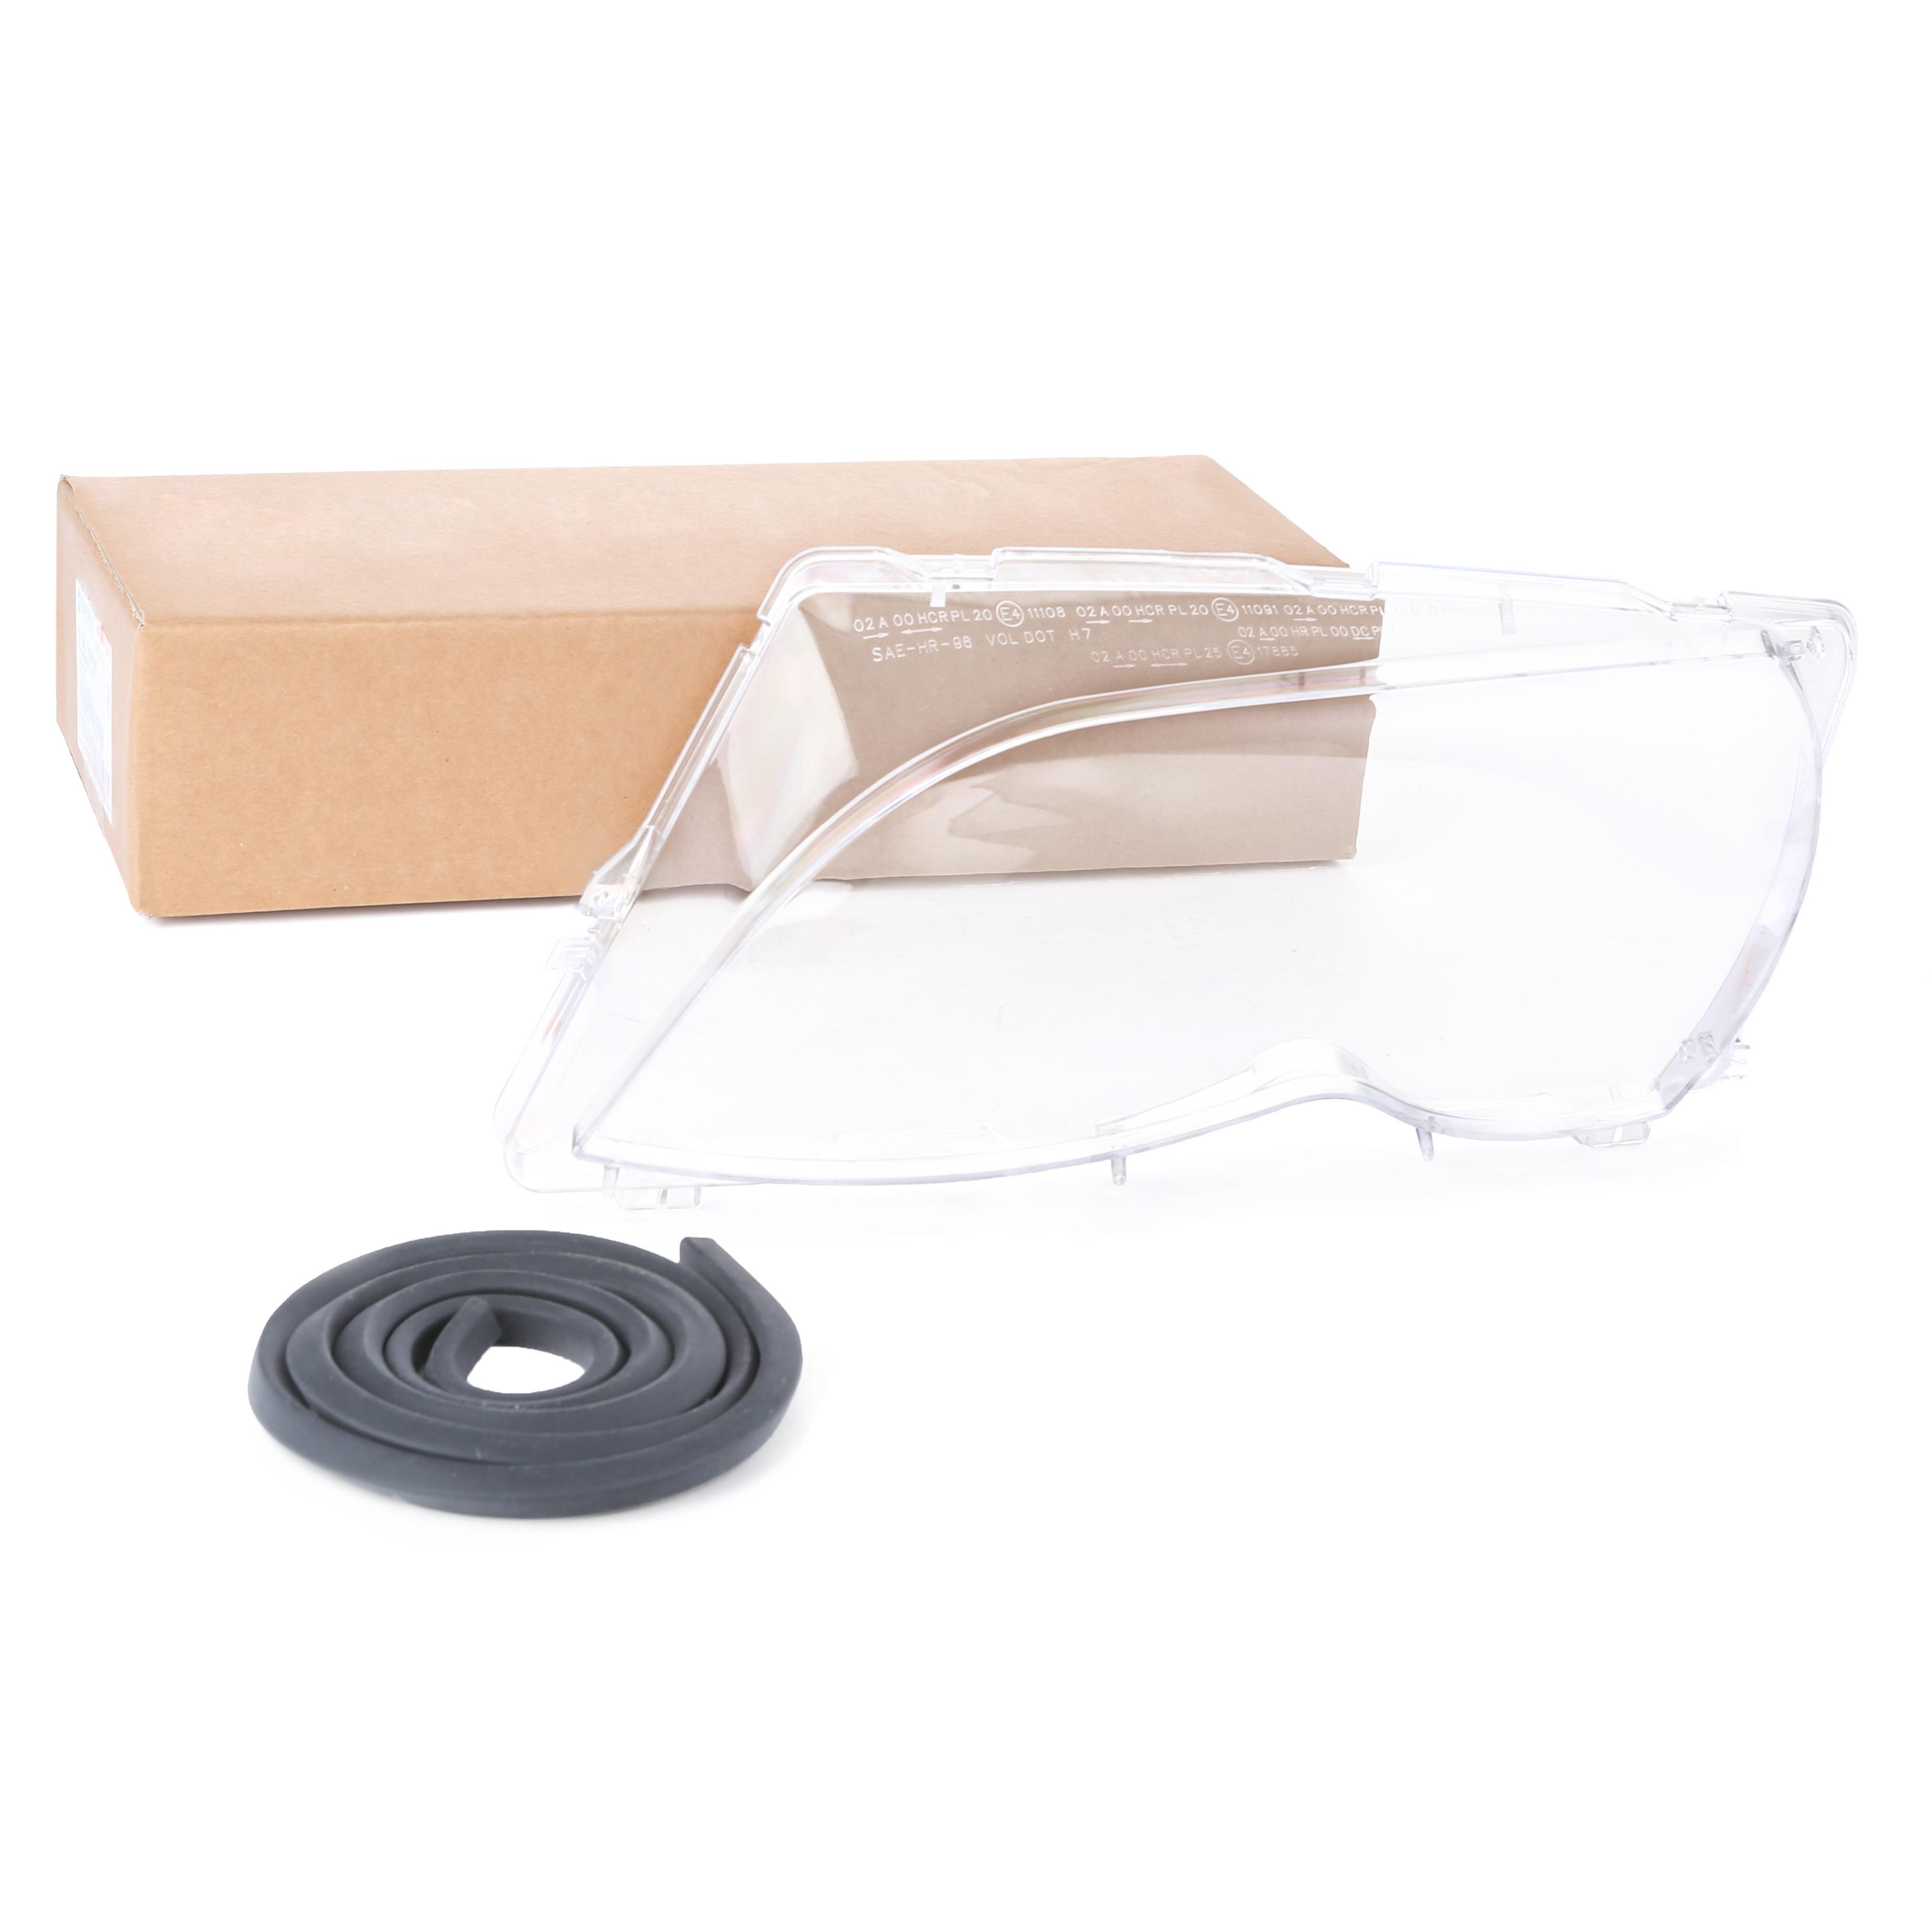 Buy Headlight parts JOHNS 20 08 09-29